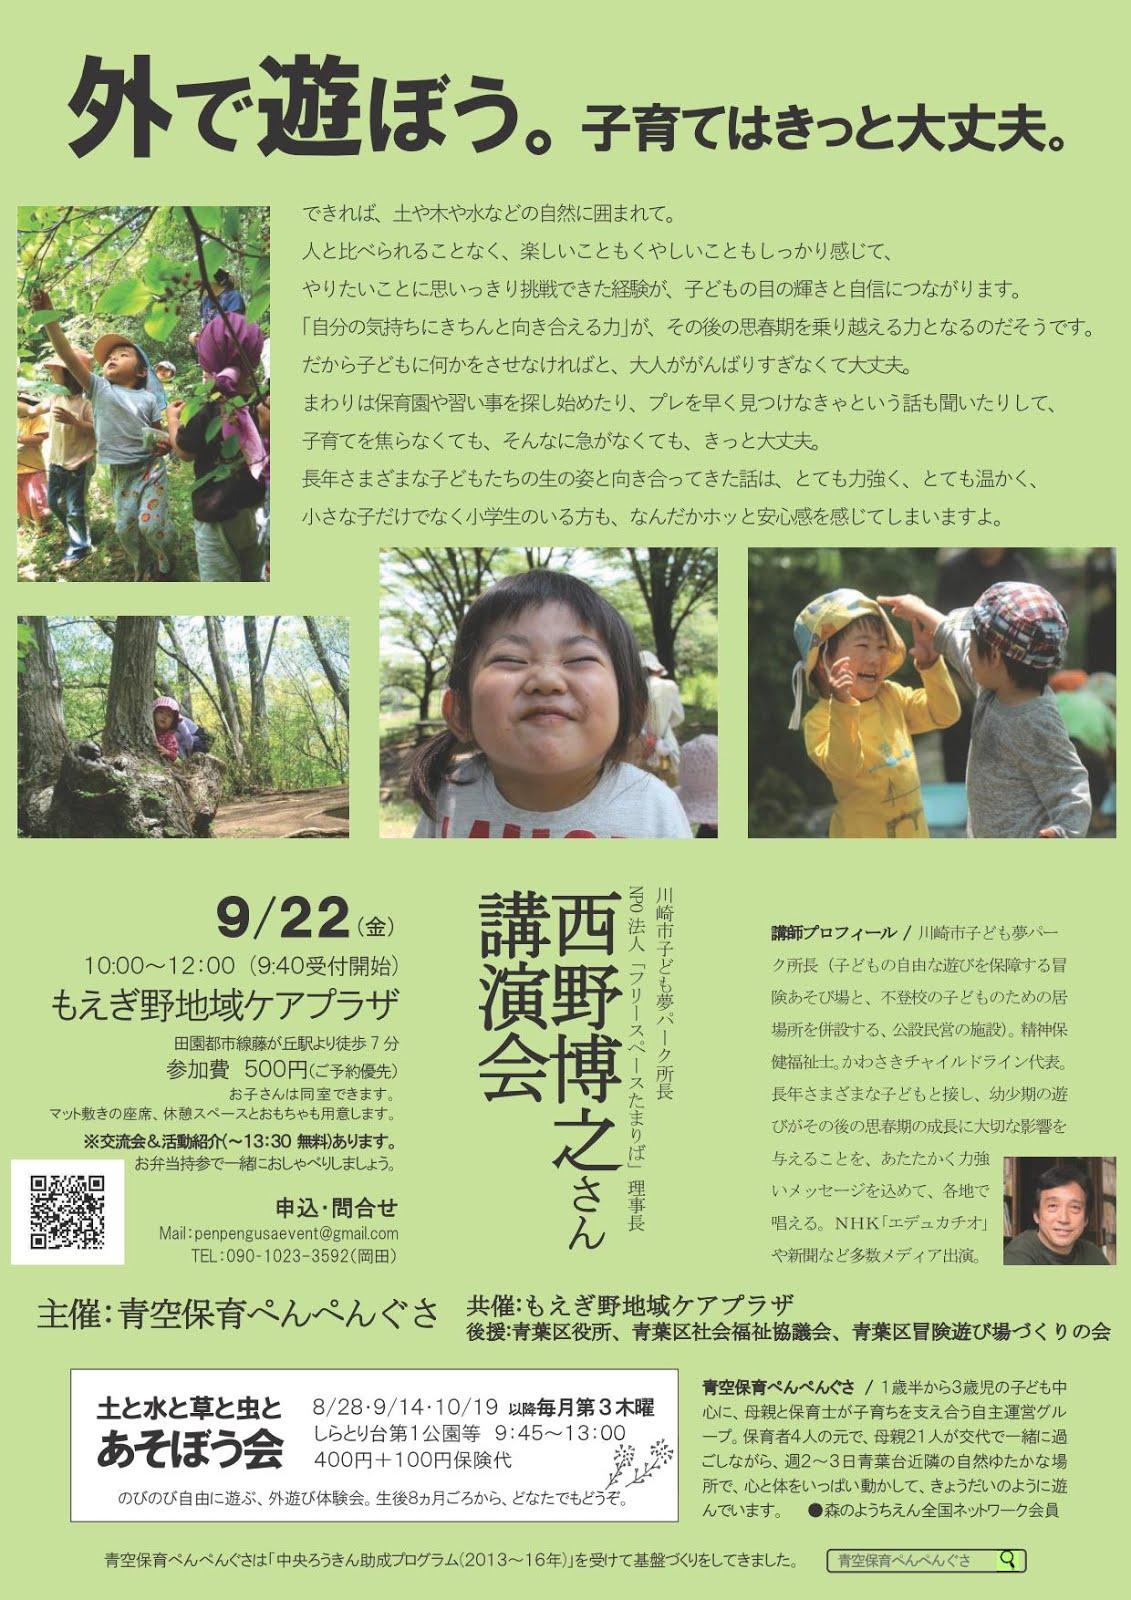 2017/9/22西野博之さん講演会大盛況で終了しました!